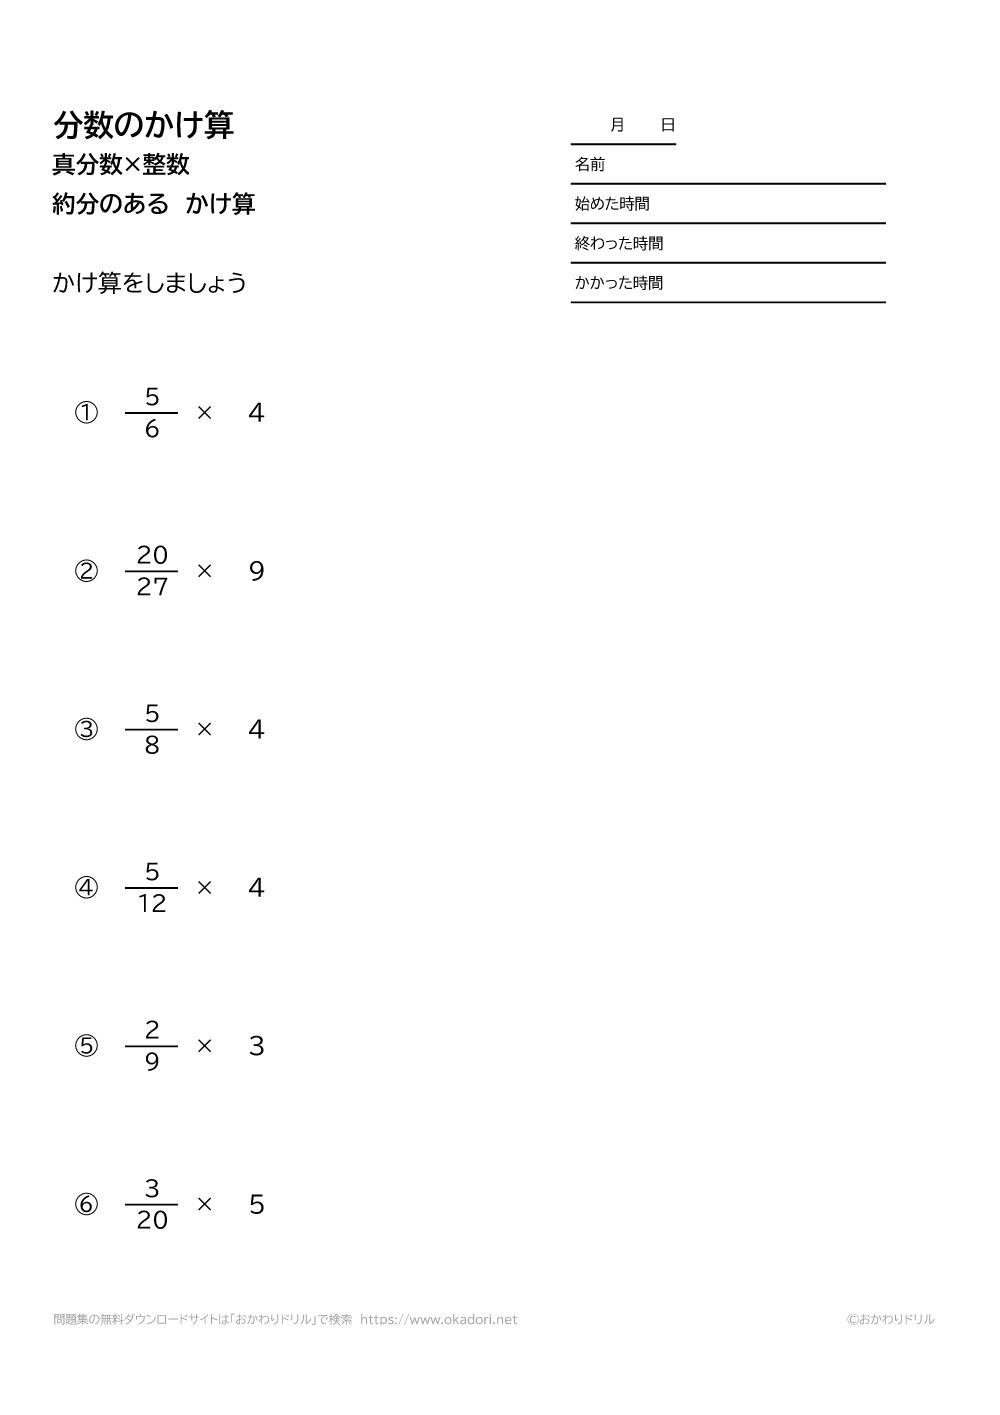 真分数×整数の約分のある掛け算1